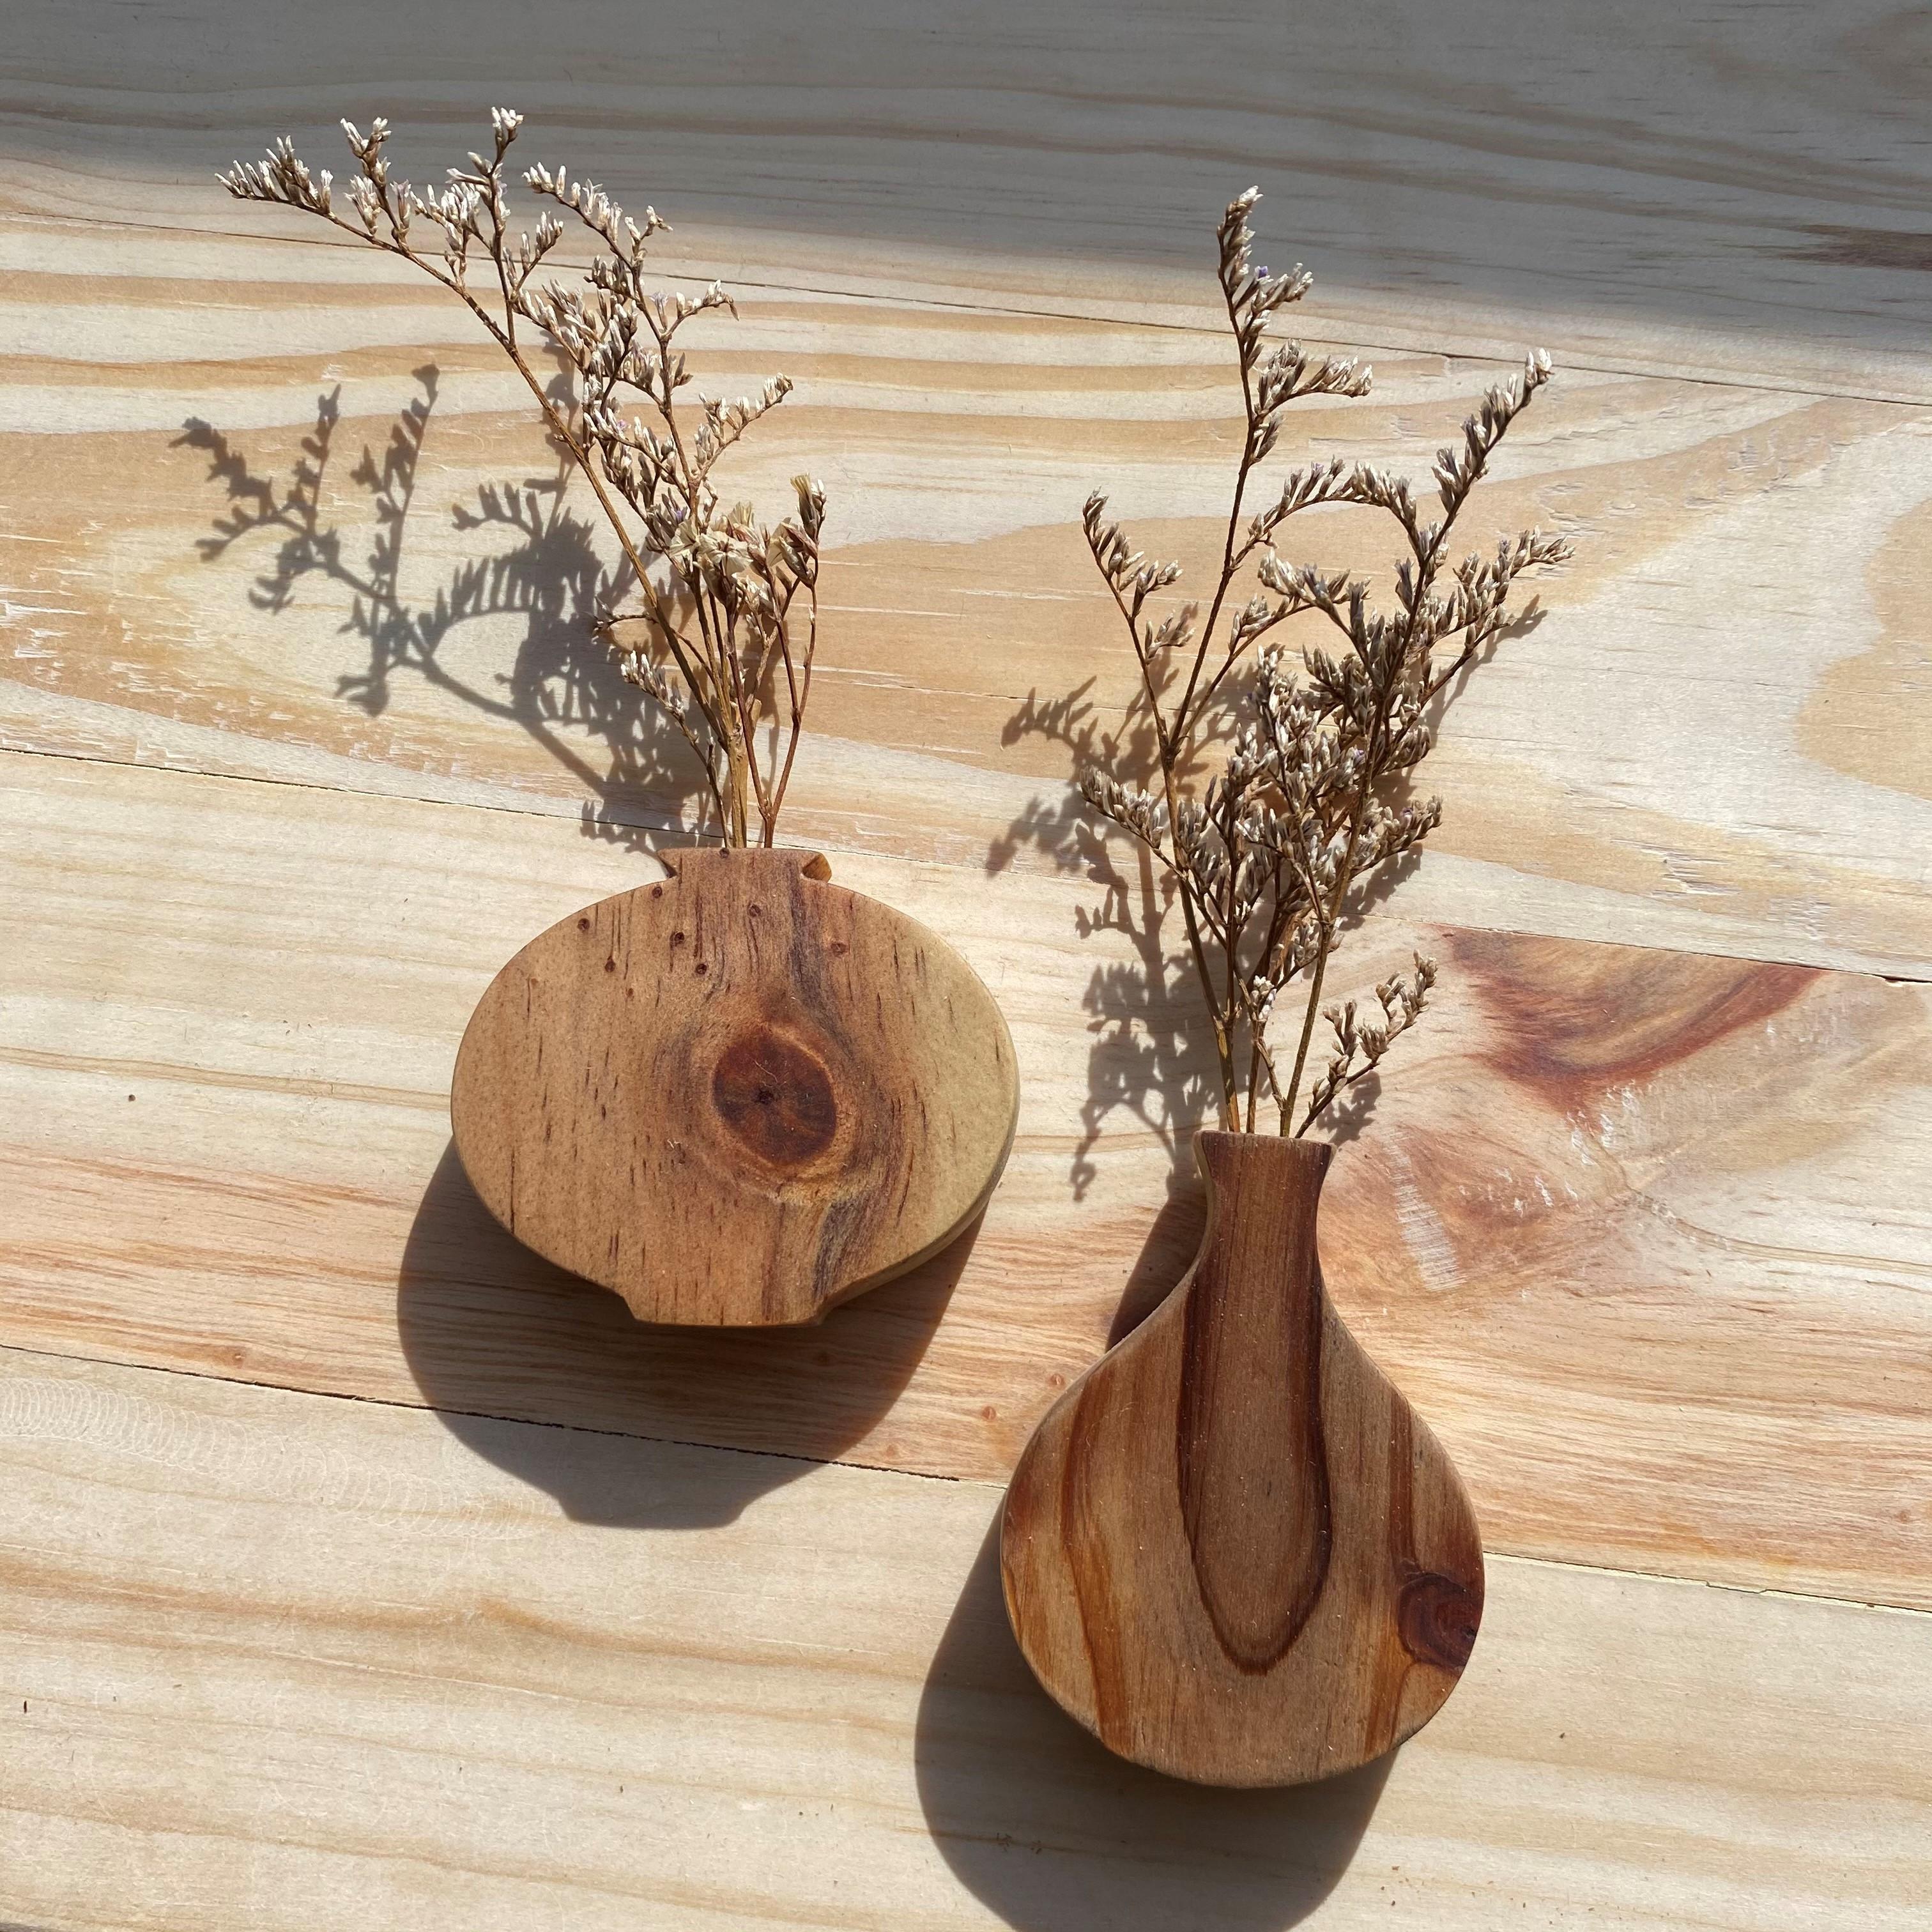 Fridge vase magnets workshop